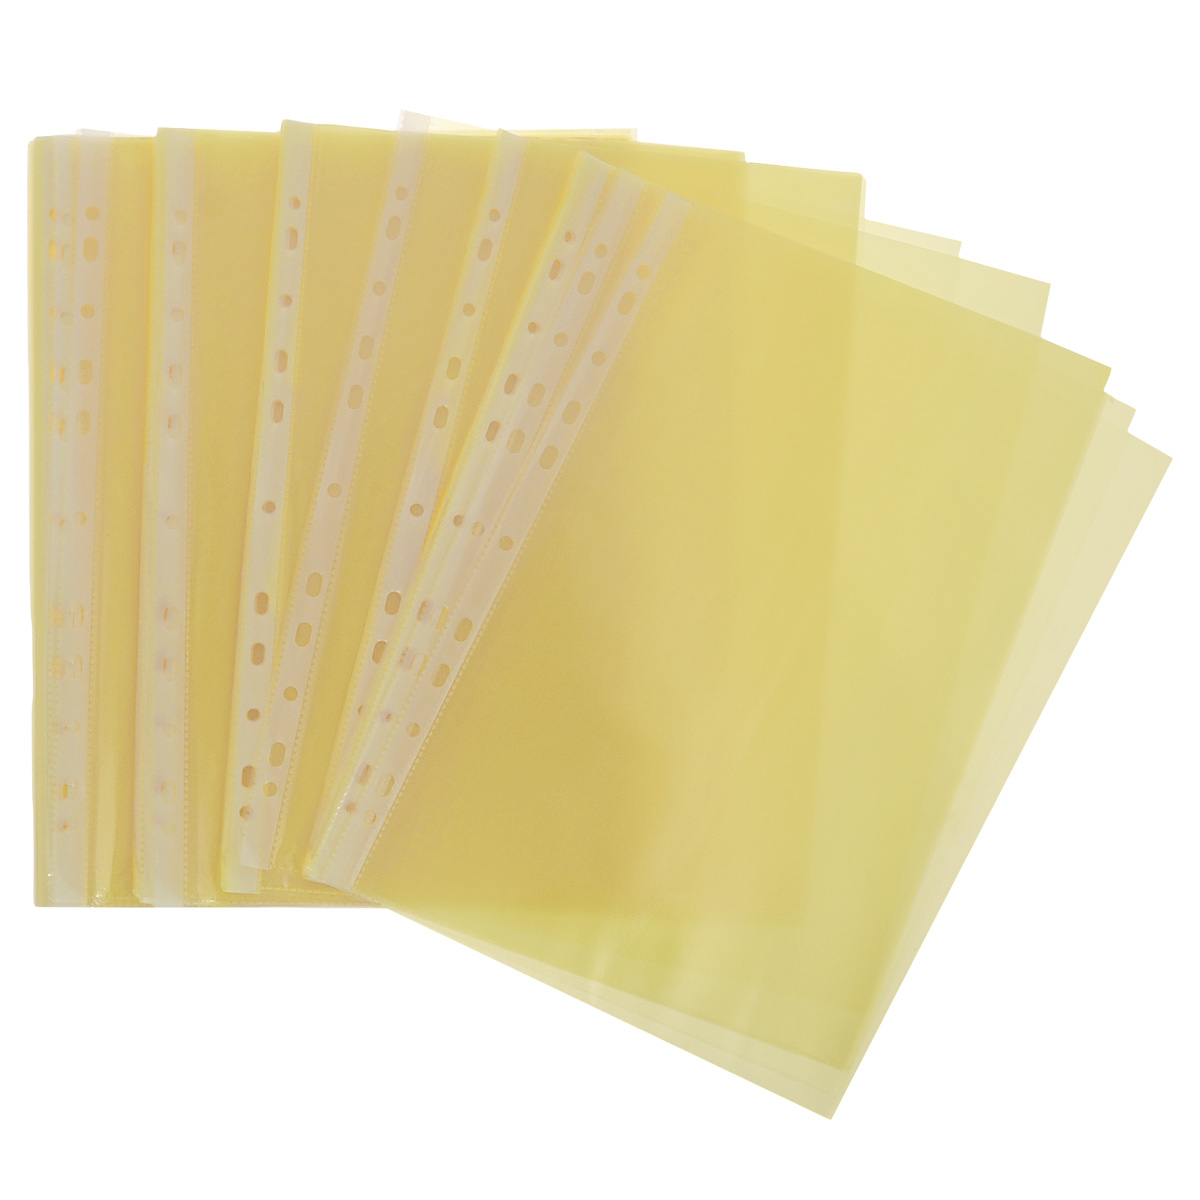 Файл-вкладыш Erich Krause Clear Standard, цвет: желтый, формат А4, 100 шт6792_желтыйПрозрачный перфофайл Erich Krause Clear Standard обеспечивает сохранность листов, надежно защищая документы от грязи и пыли. Используется для подшивки бумаг формата А4 в архивные папки без дополнительного перфорирования дыроколом. Изготовлен из высококачественной прозрачной полипропиленовой пленки с фактурной поверхностью и снабжен универсальной боковой перфорацией, совместимой со всеми видами кольцевых механизмов и скоросшивателей.Комплект содержит 100 файлов-вкладышей.Размер файла: 21 см х 29,7 см.